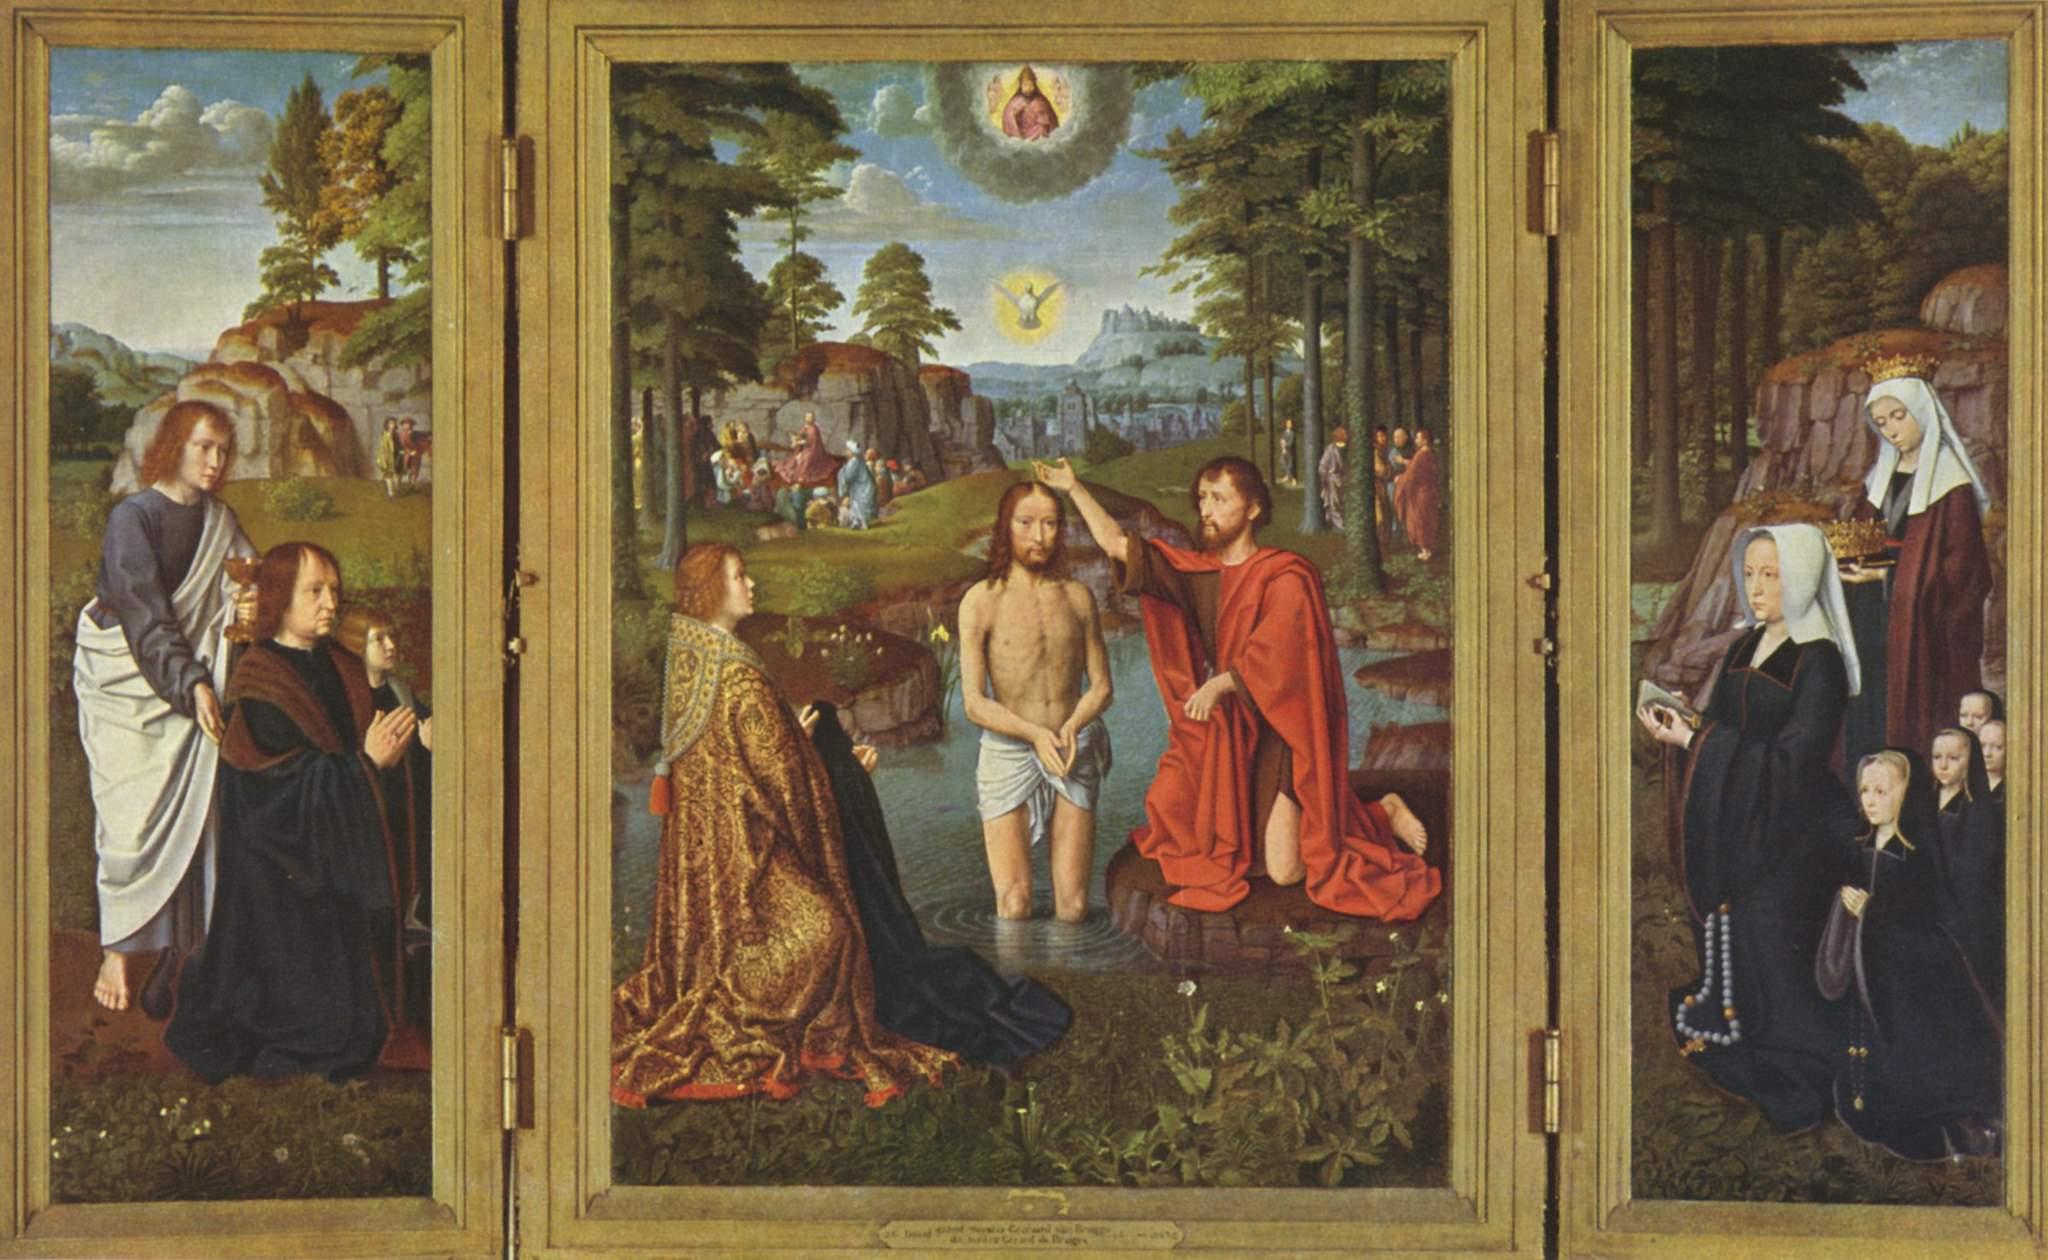 Алтарь Жана де Тромпе  Крещение Христа, донаторы со святыми - покровителями, Давид Герард